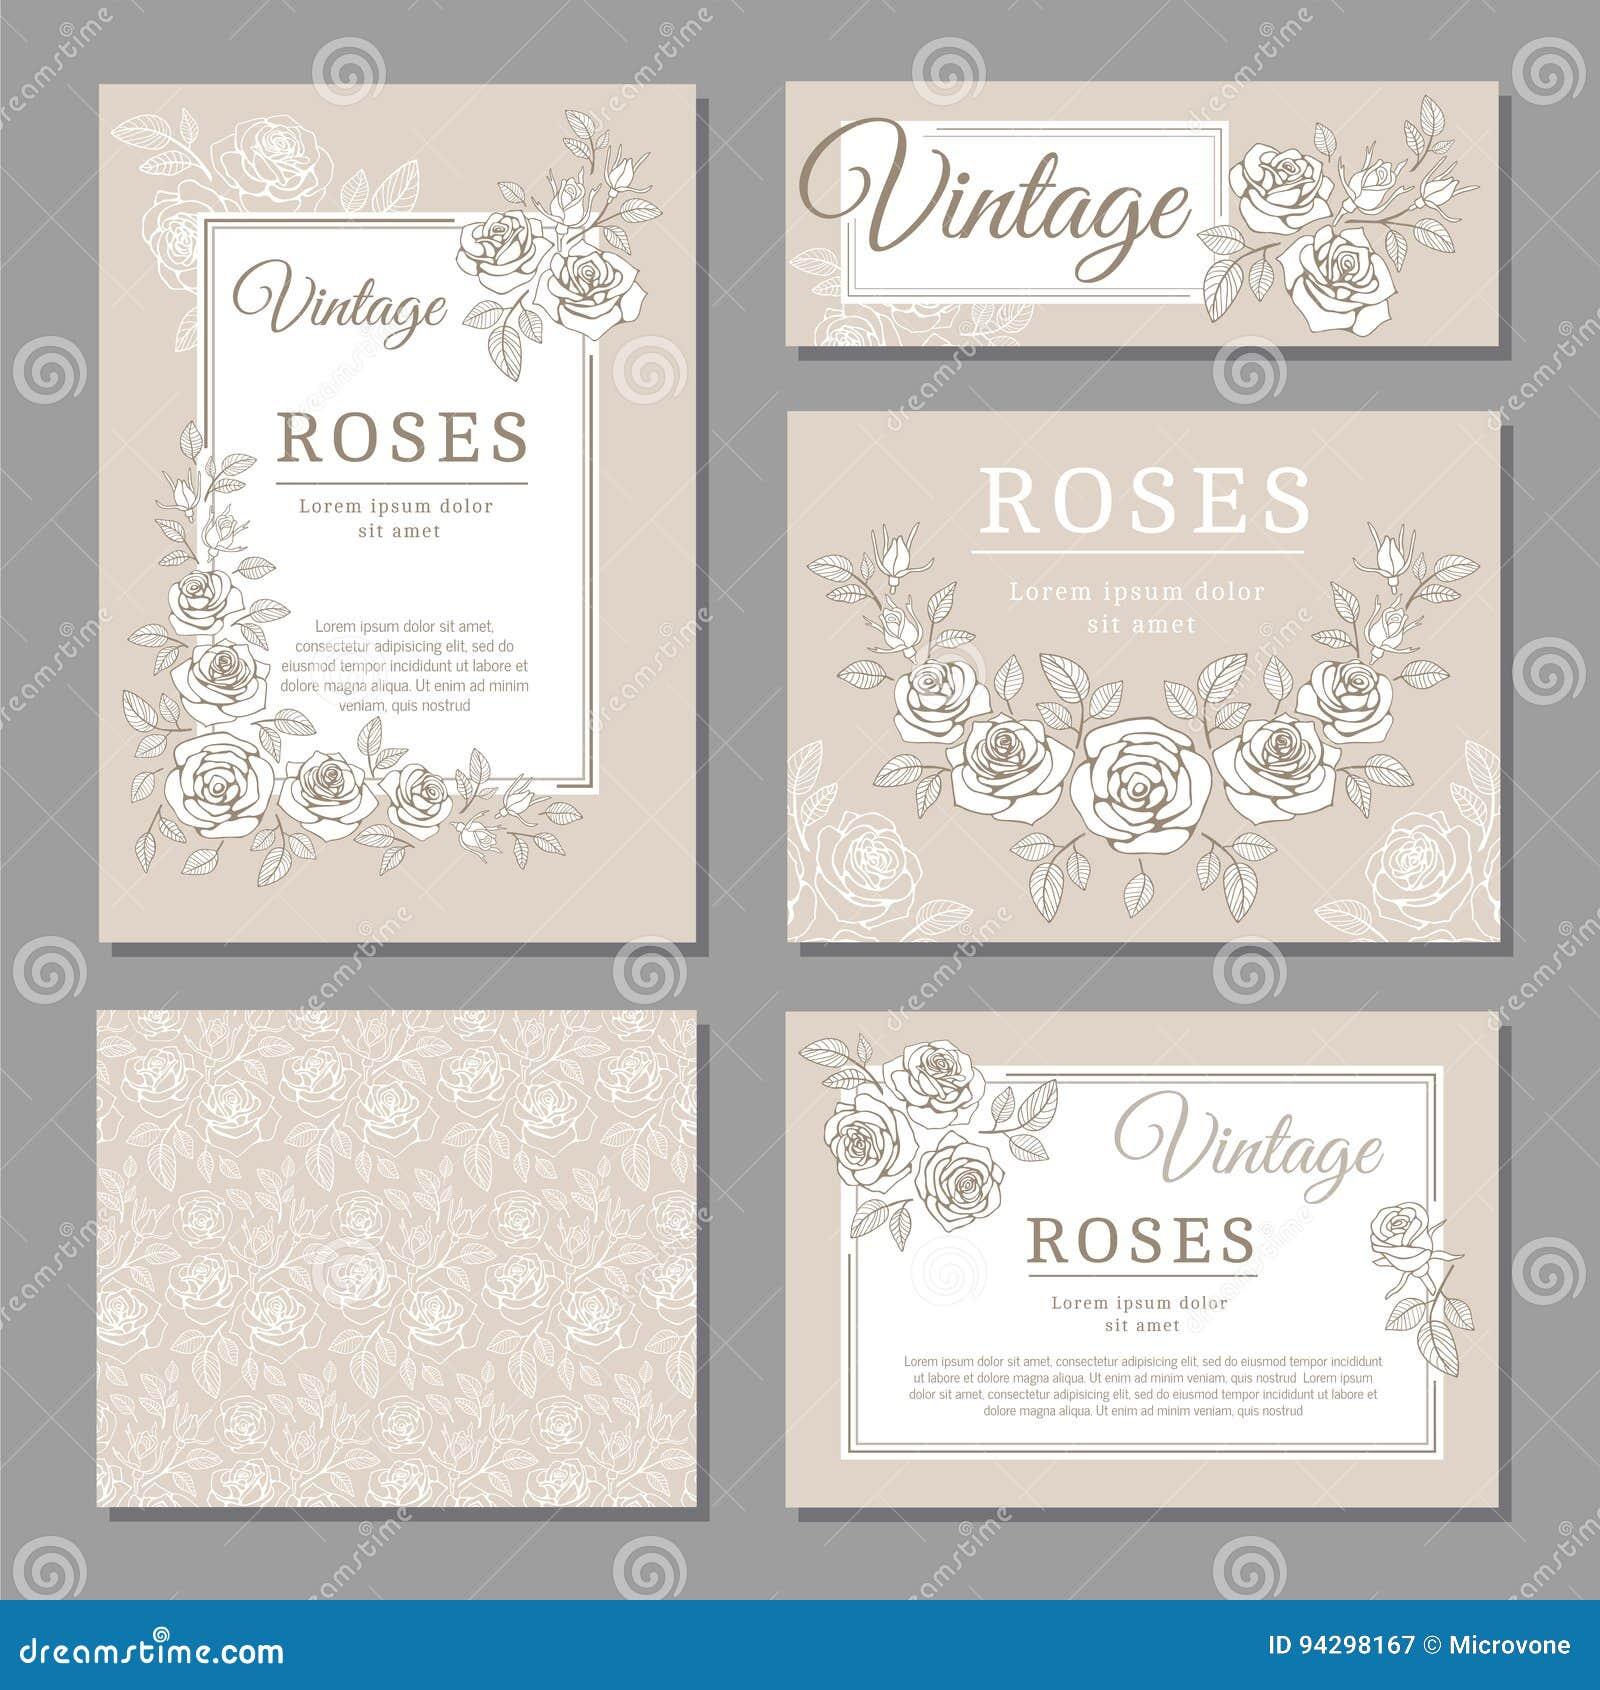 与玫瑰和花卉元素的经典婚礼葡萄酒邀请卡片导航模板